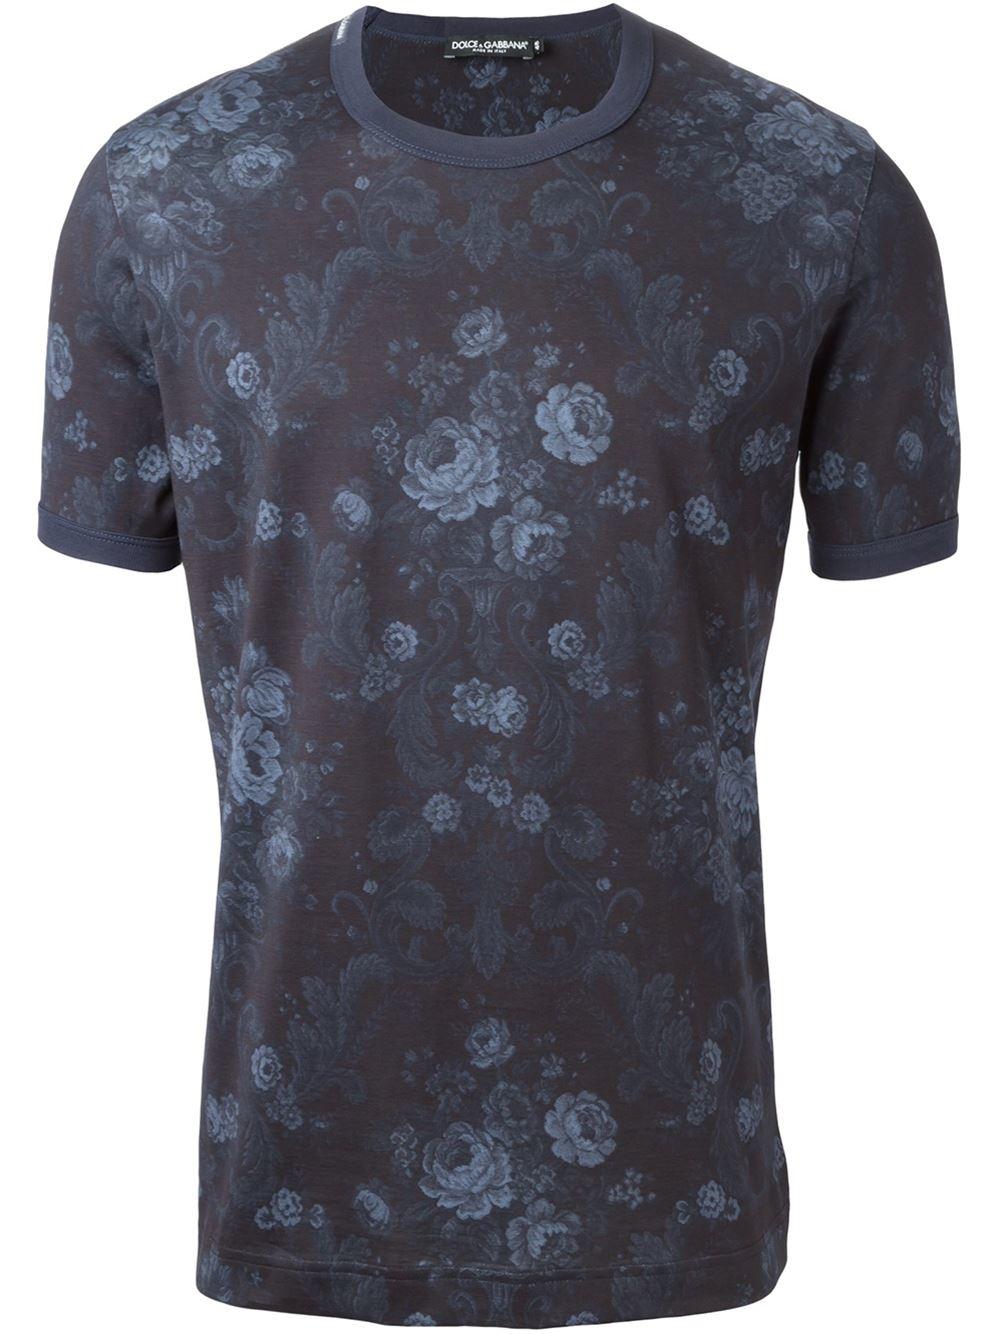 dolce gabbana baroque flower print t shirt in blue for men lyst. Black Bedroom Furniture Sets. Home Design Ideas